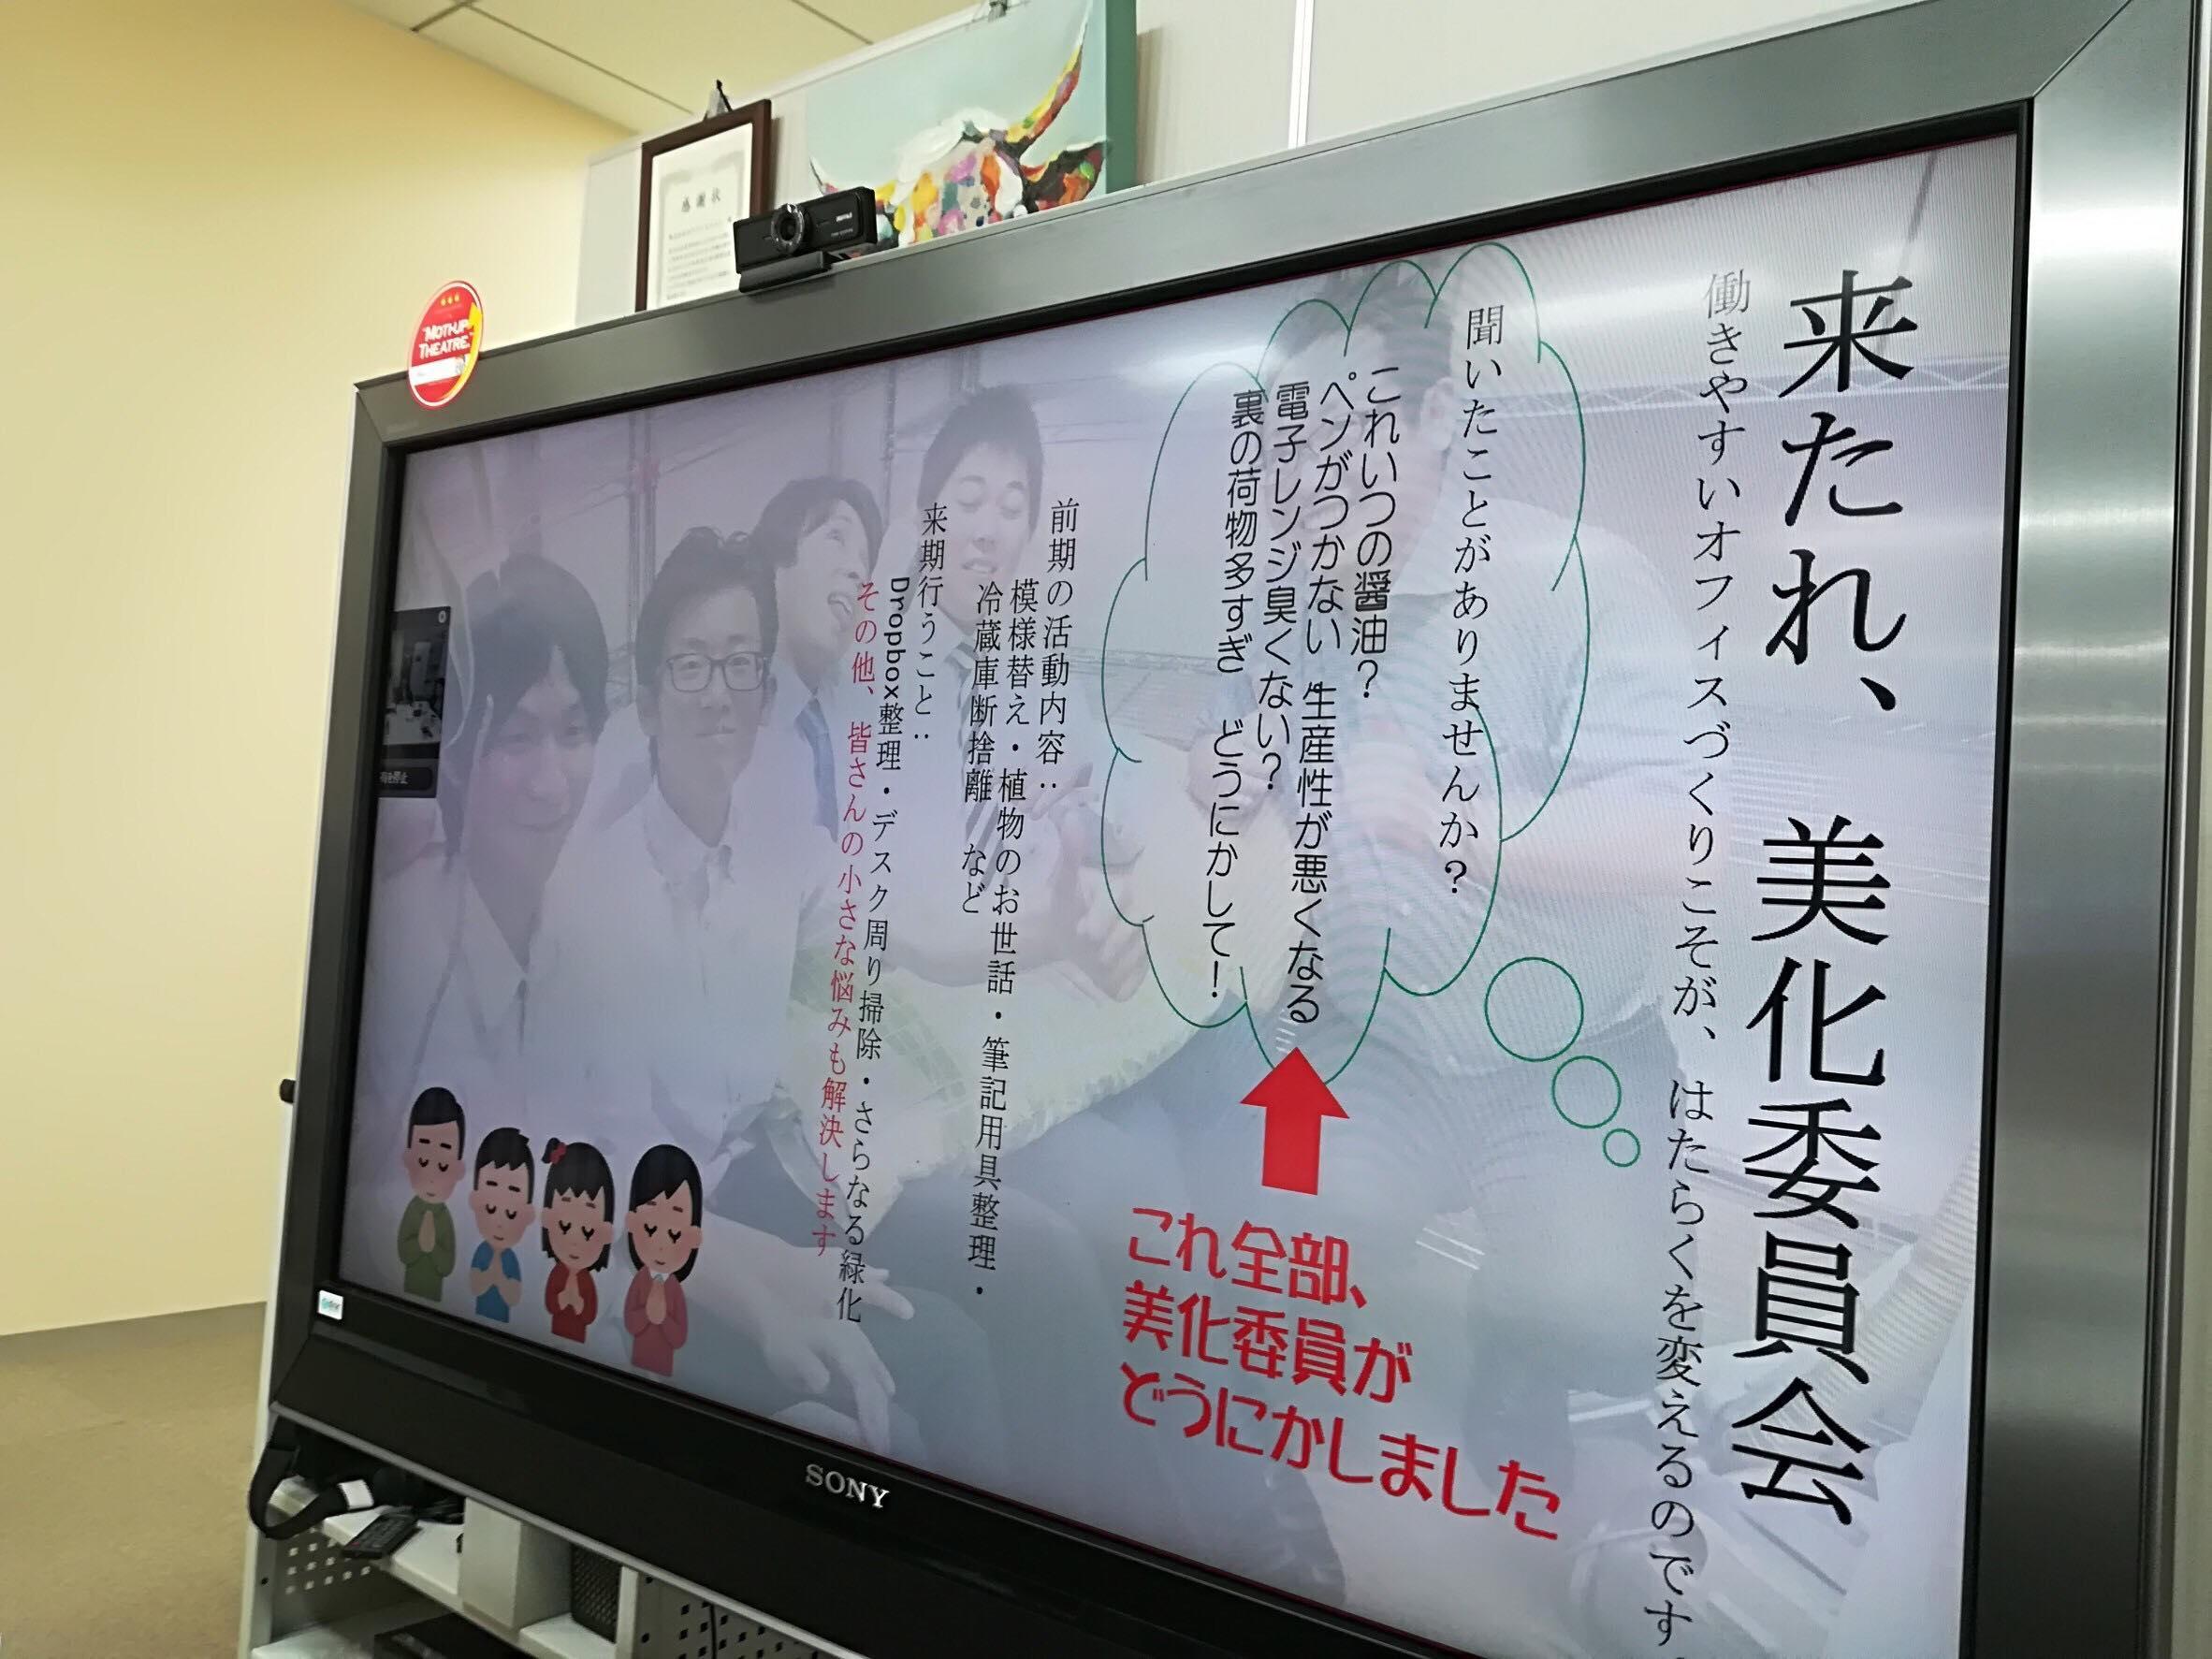 委員会シャッフル③